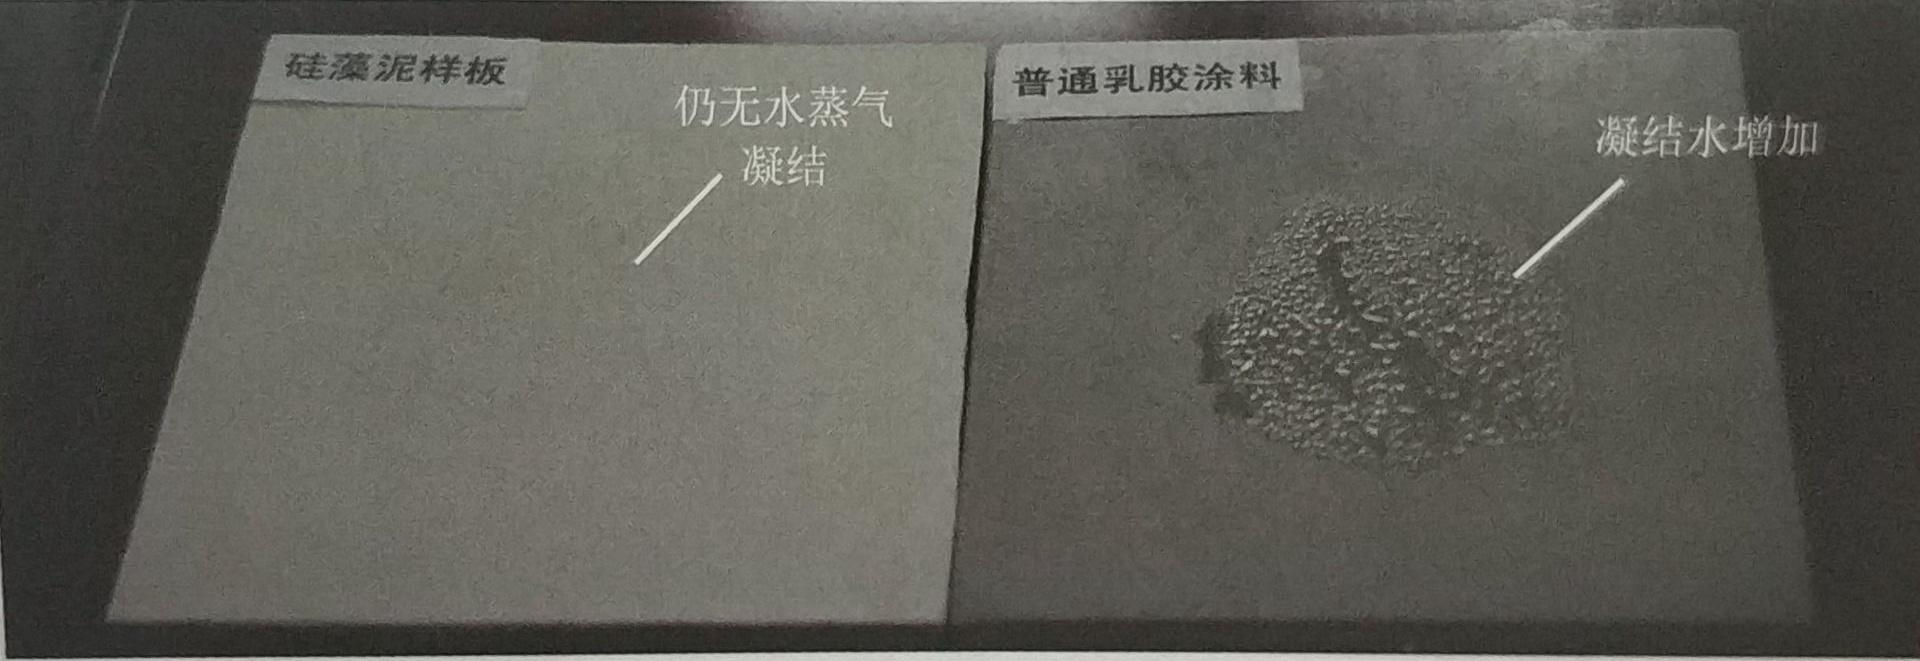 2min后硅藻泥样板和普通乳胶漆表面水汽凝结比较